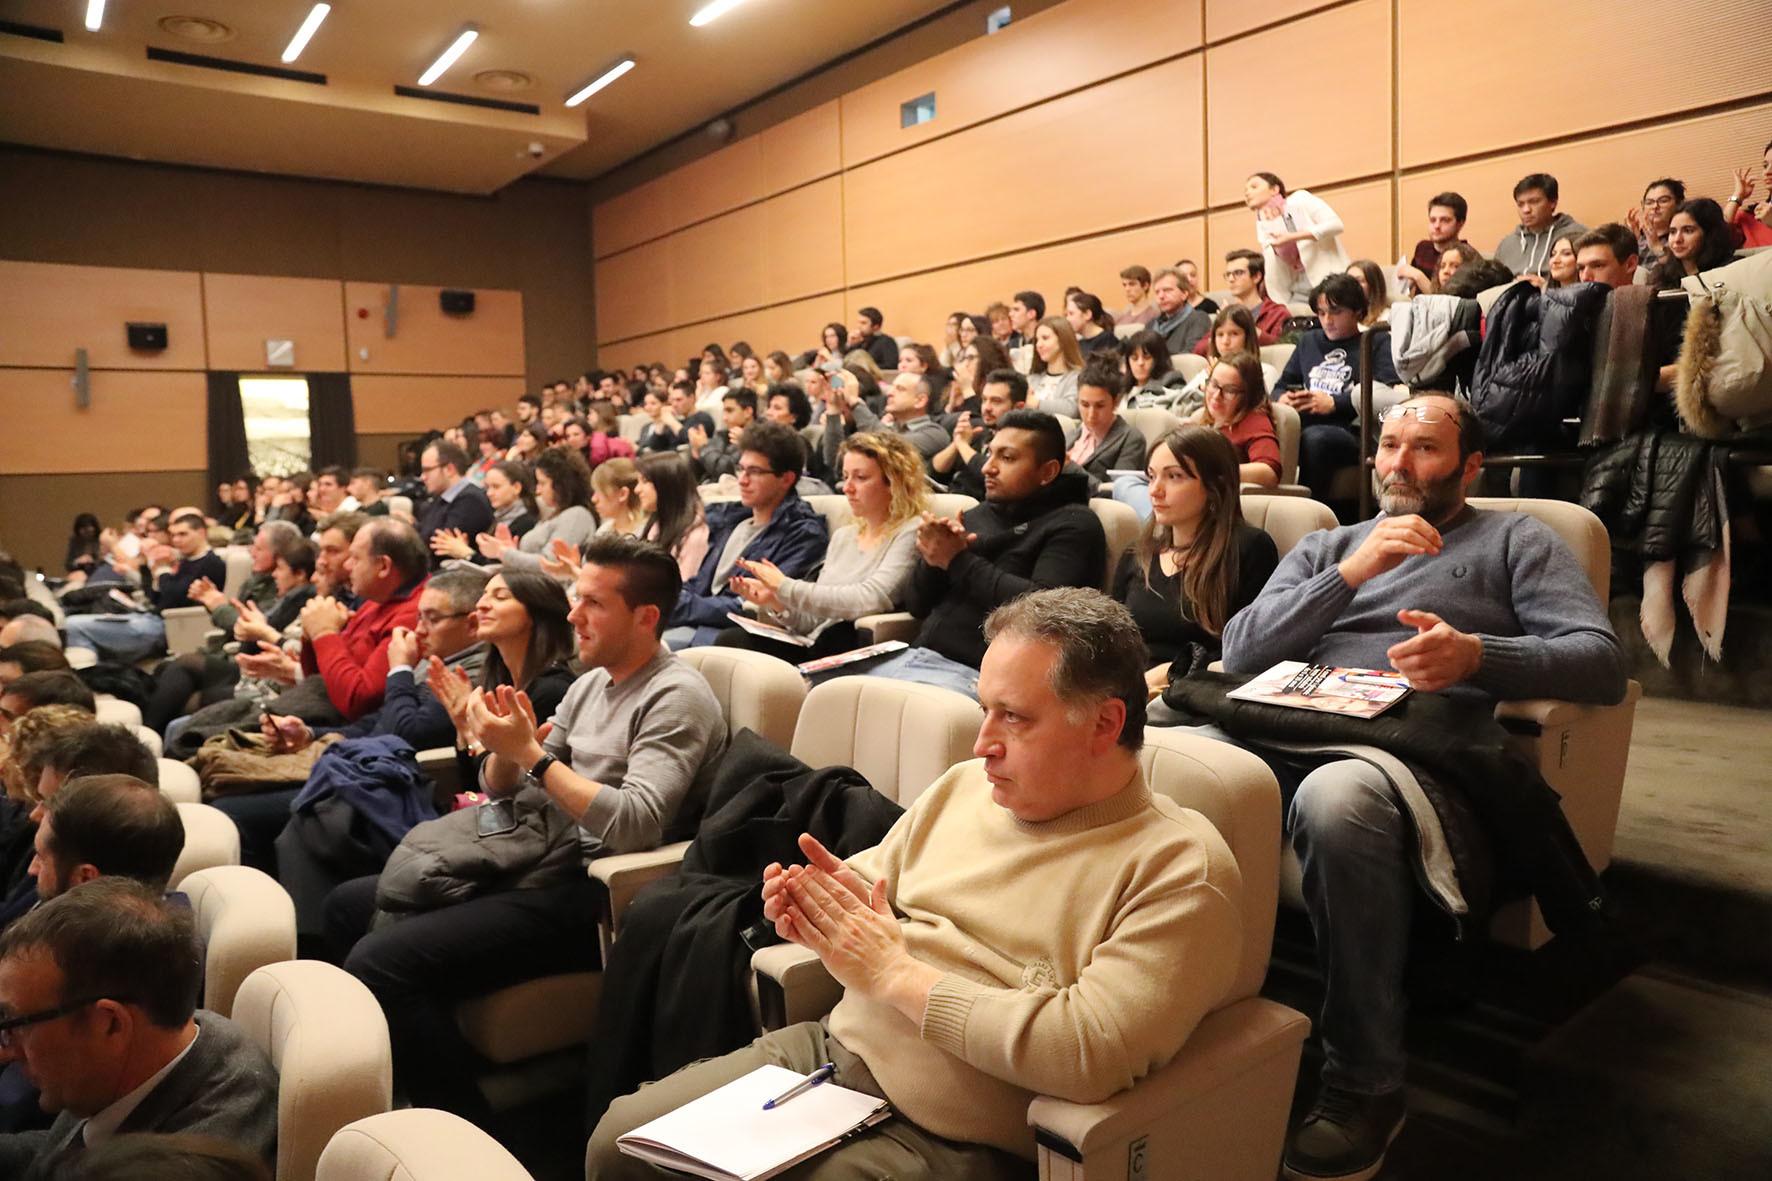 Platea dei partecipanti all'appuntamento del 25/01/2018